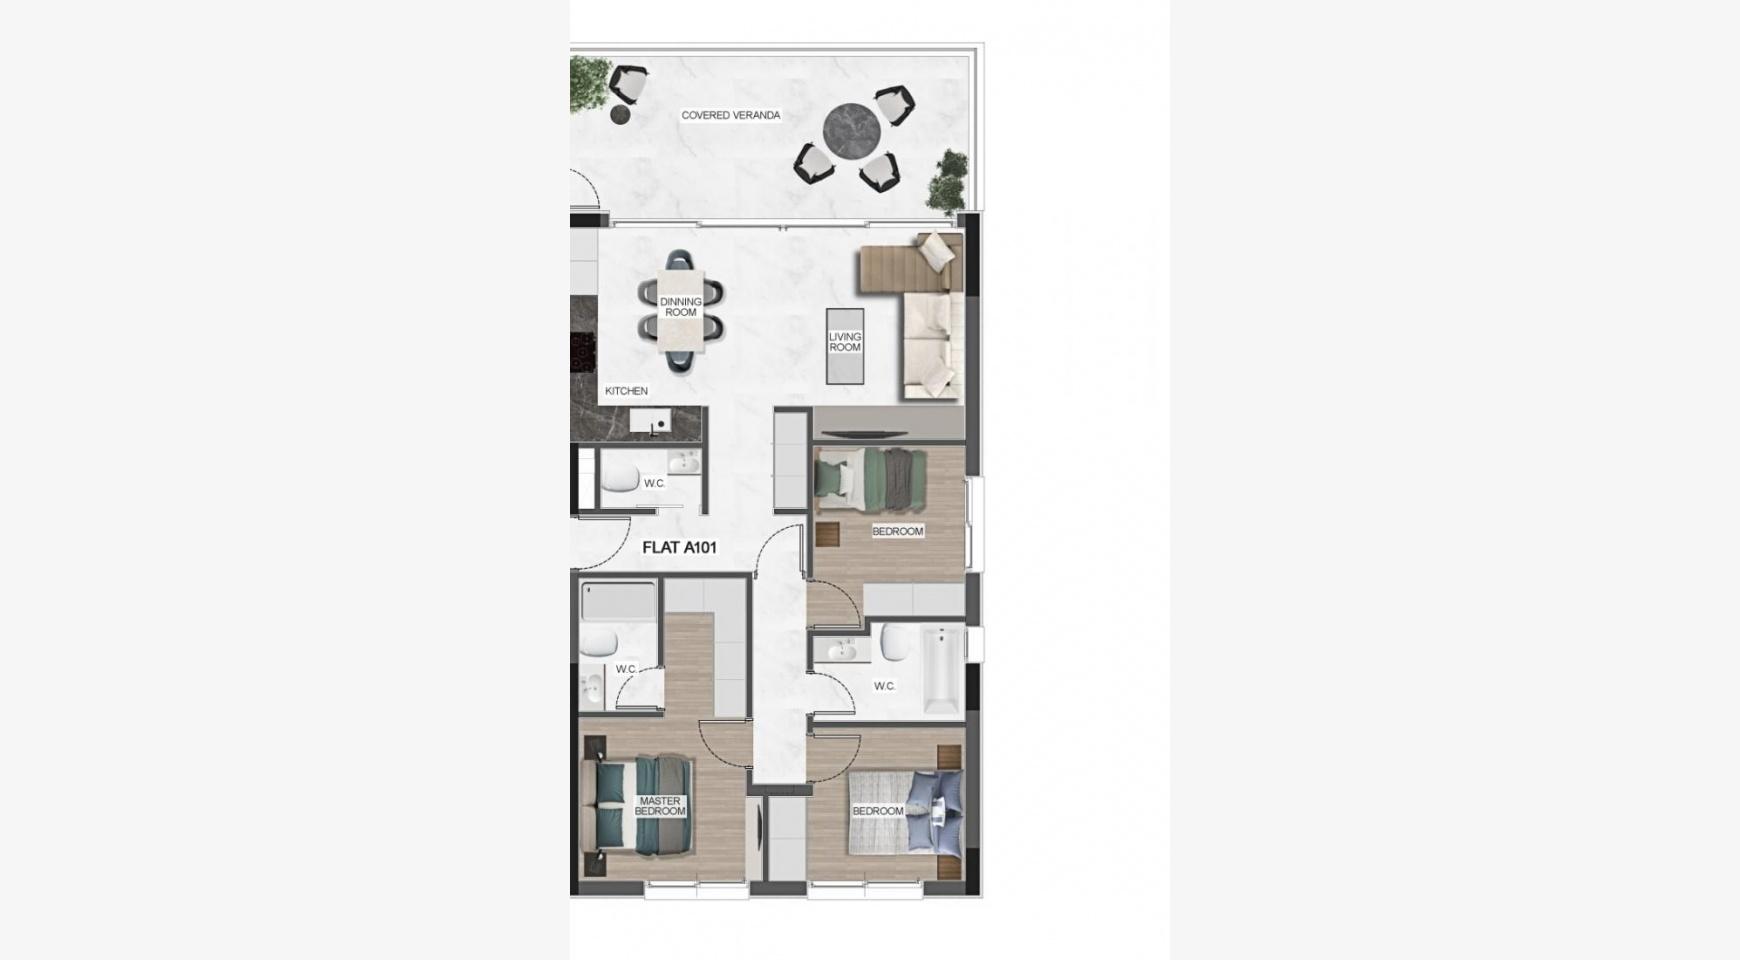 Urban City Residences, Кв. C 101. 3-Спальная Квартира в Новом Комплексе в Центре Города - 43